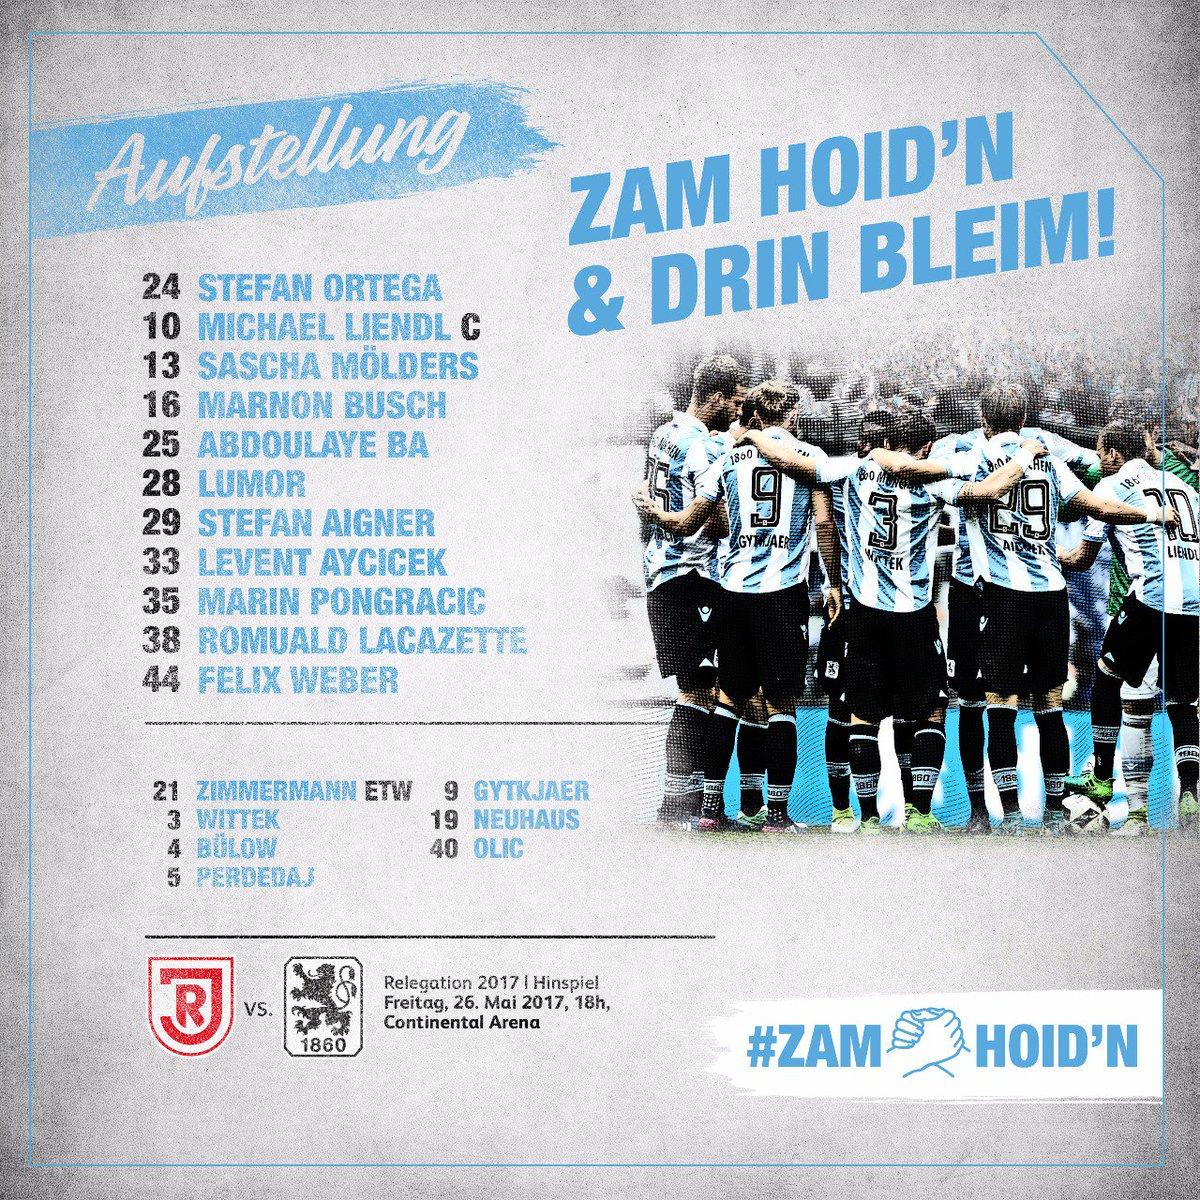 Viel Erfolg, Löwen! Unsere Aufstellung! #zamhoidn & drin bleim! ⚪🔵...